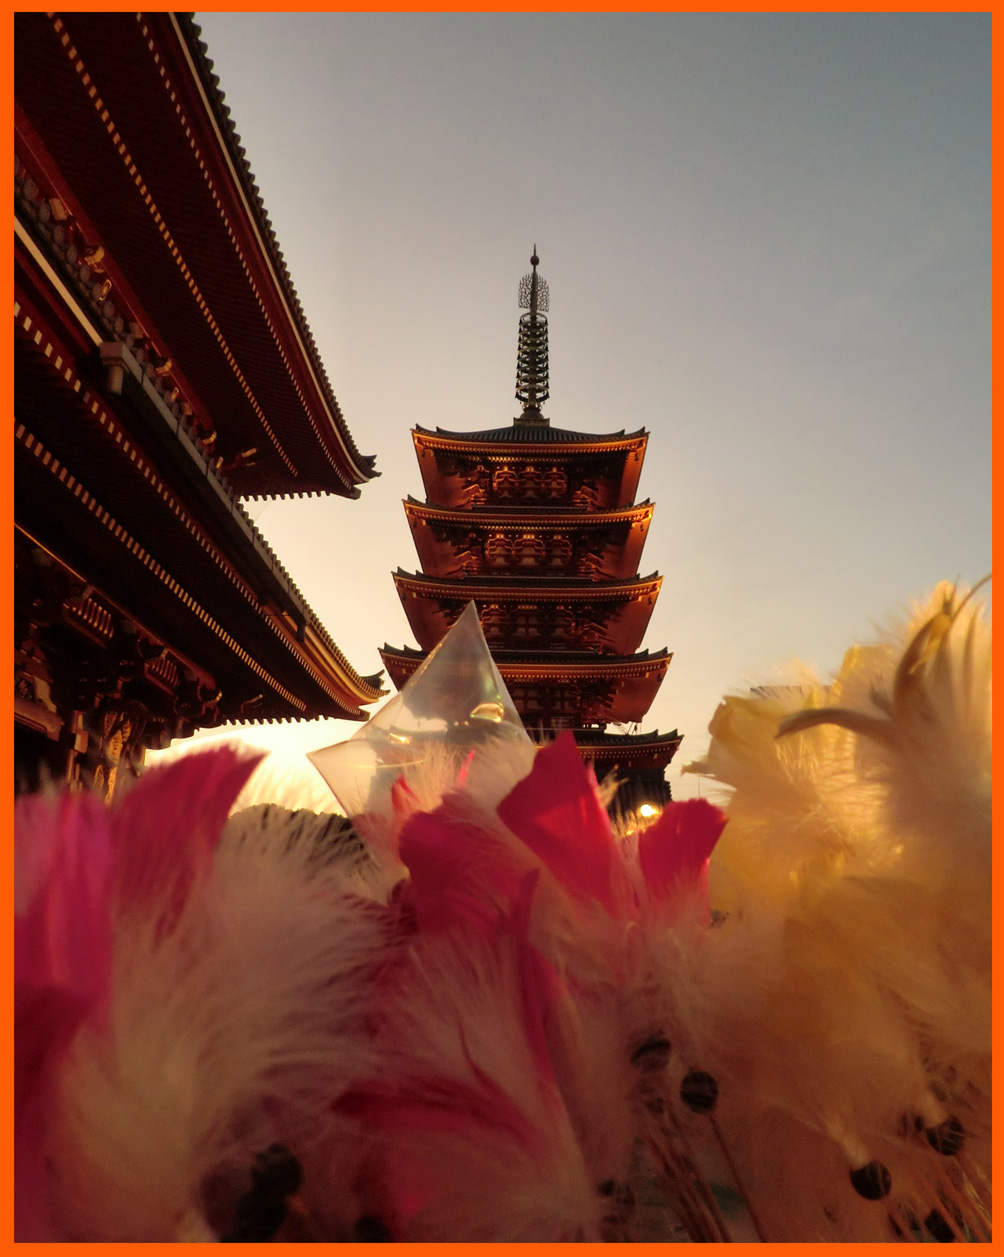 浅草寺・羽子板市へ。綺麗な姫様羽子板見たよ。_e0236072_19293761.jpg